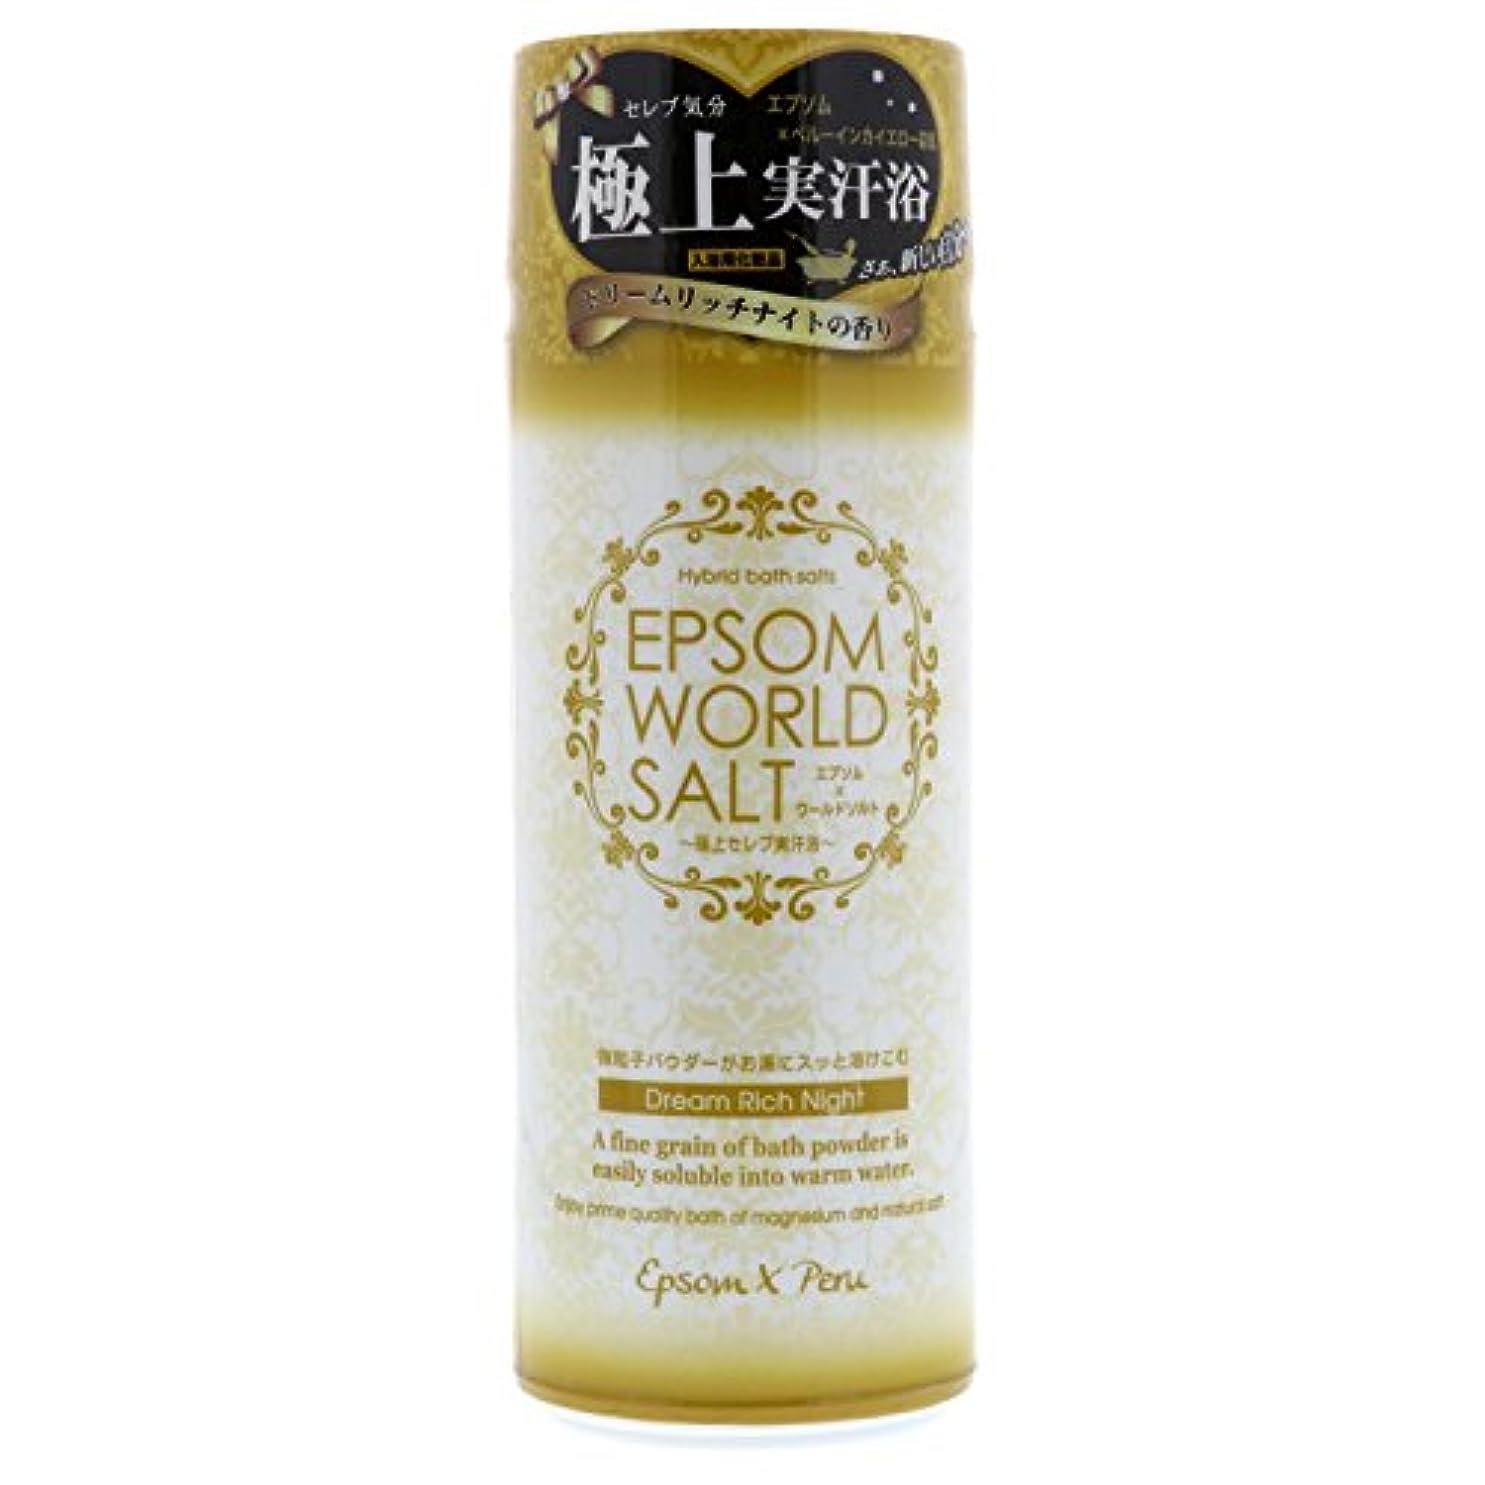 にんじん満了硬さエプソムワールドソルト ドリームリッチナイトの香り ボトル 500g